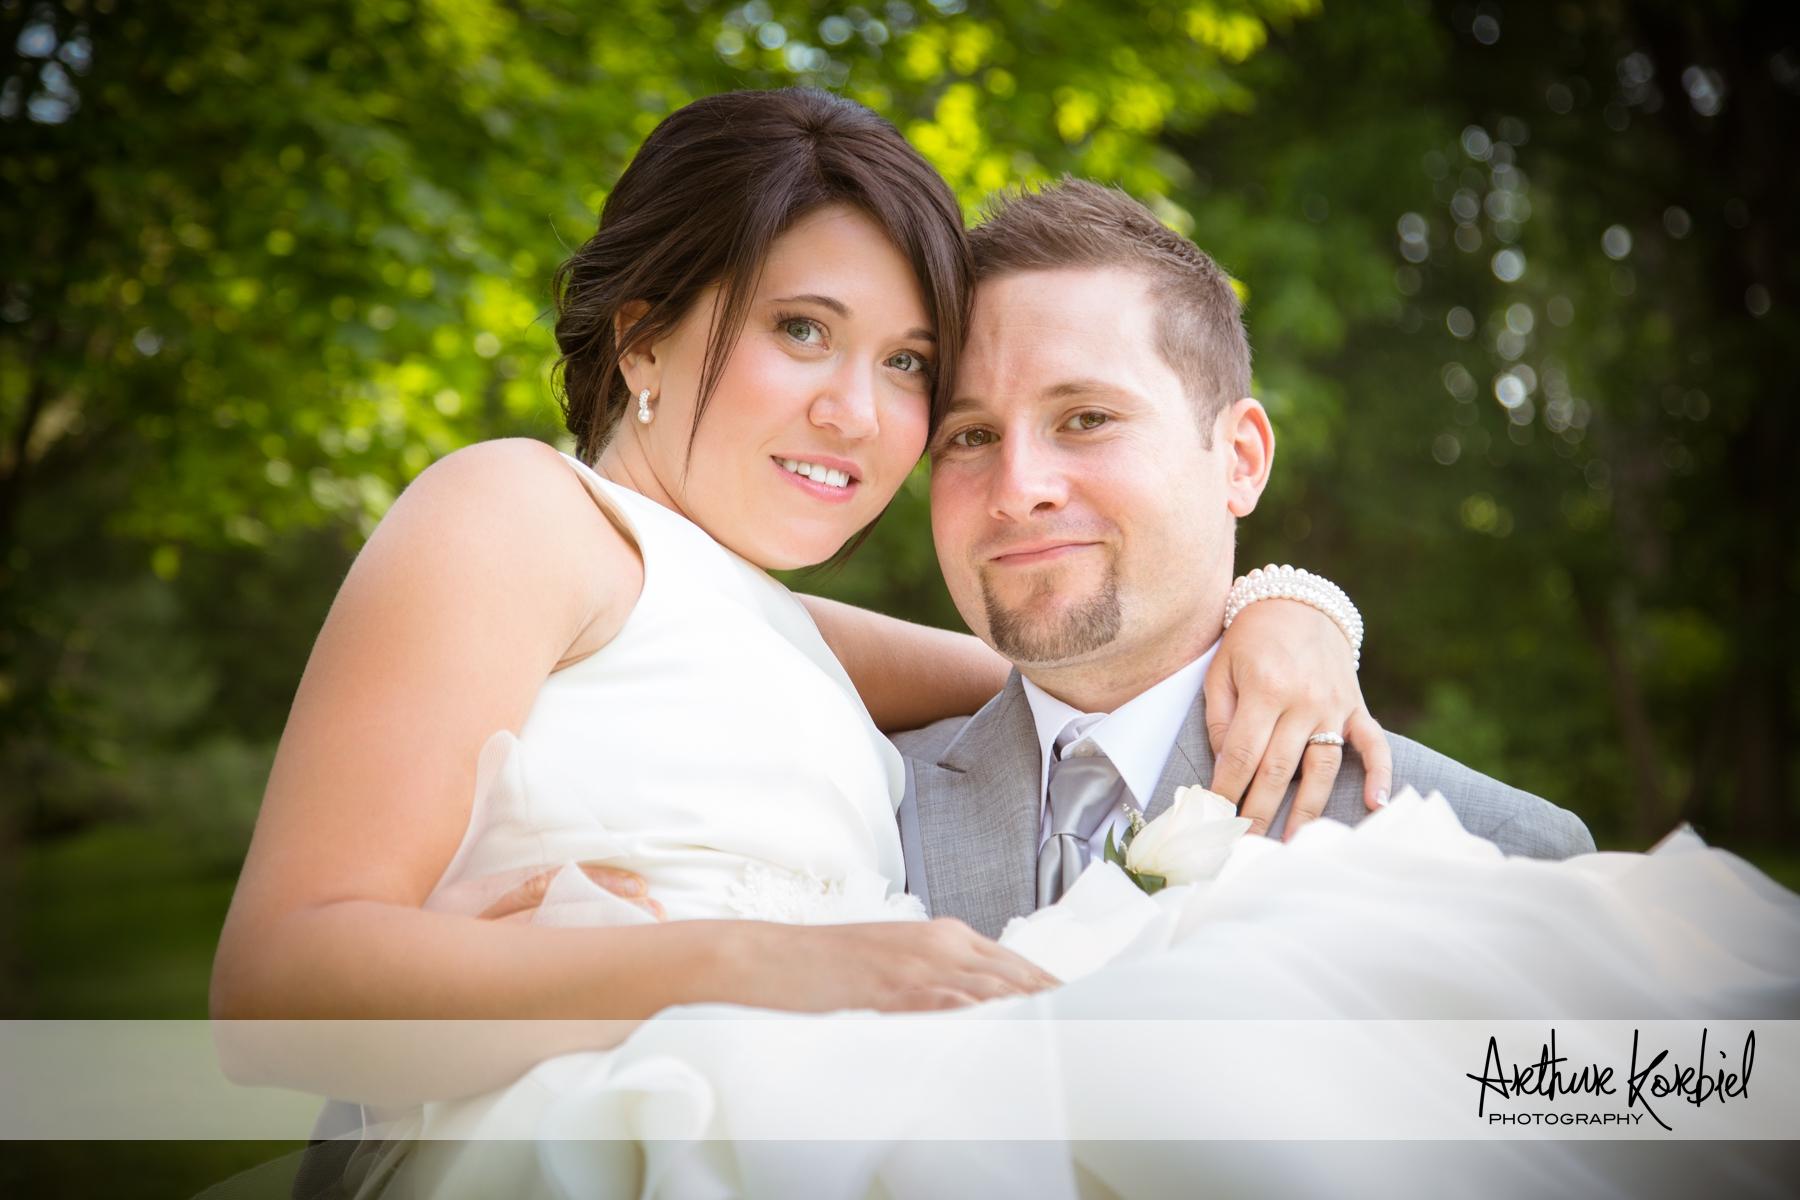 Arthur Korbiel Photography - London Wedding Photographer - Harper-006.jpg